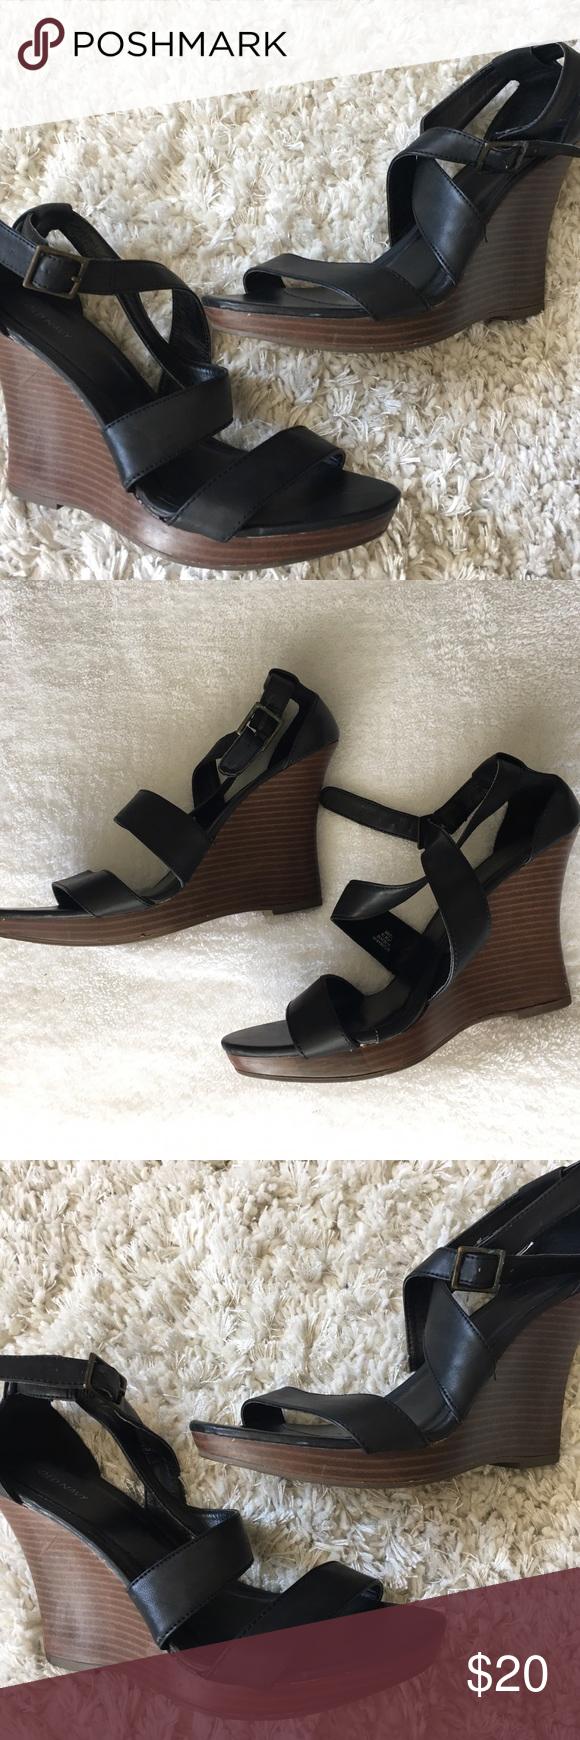 Black sandals old navy - Old Navy Black Sandal Wedges